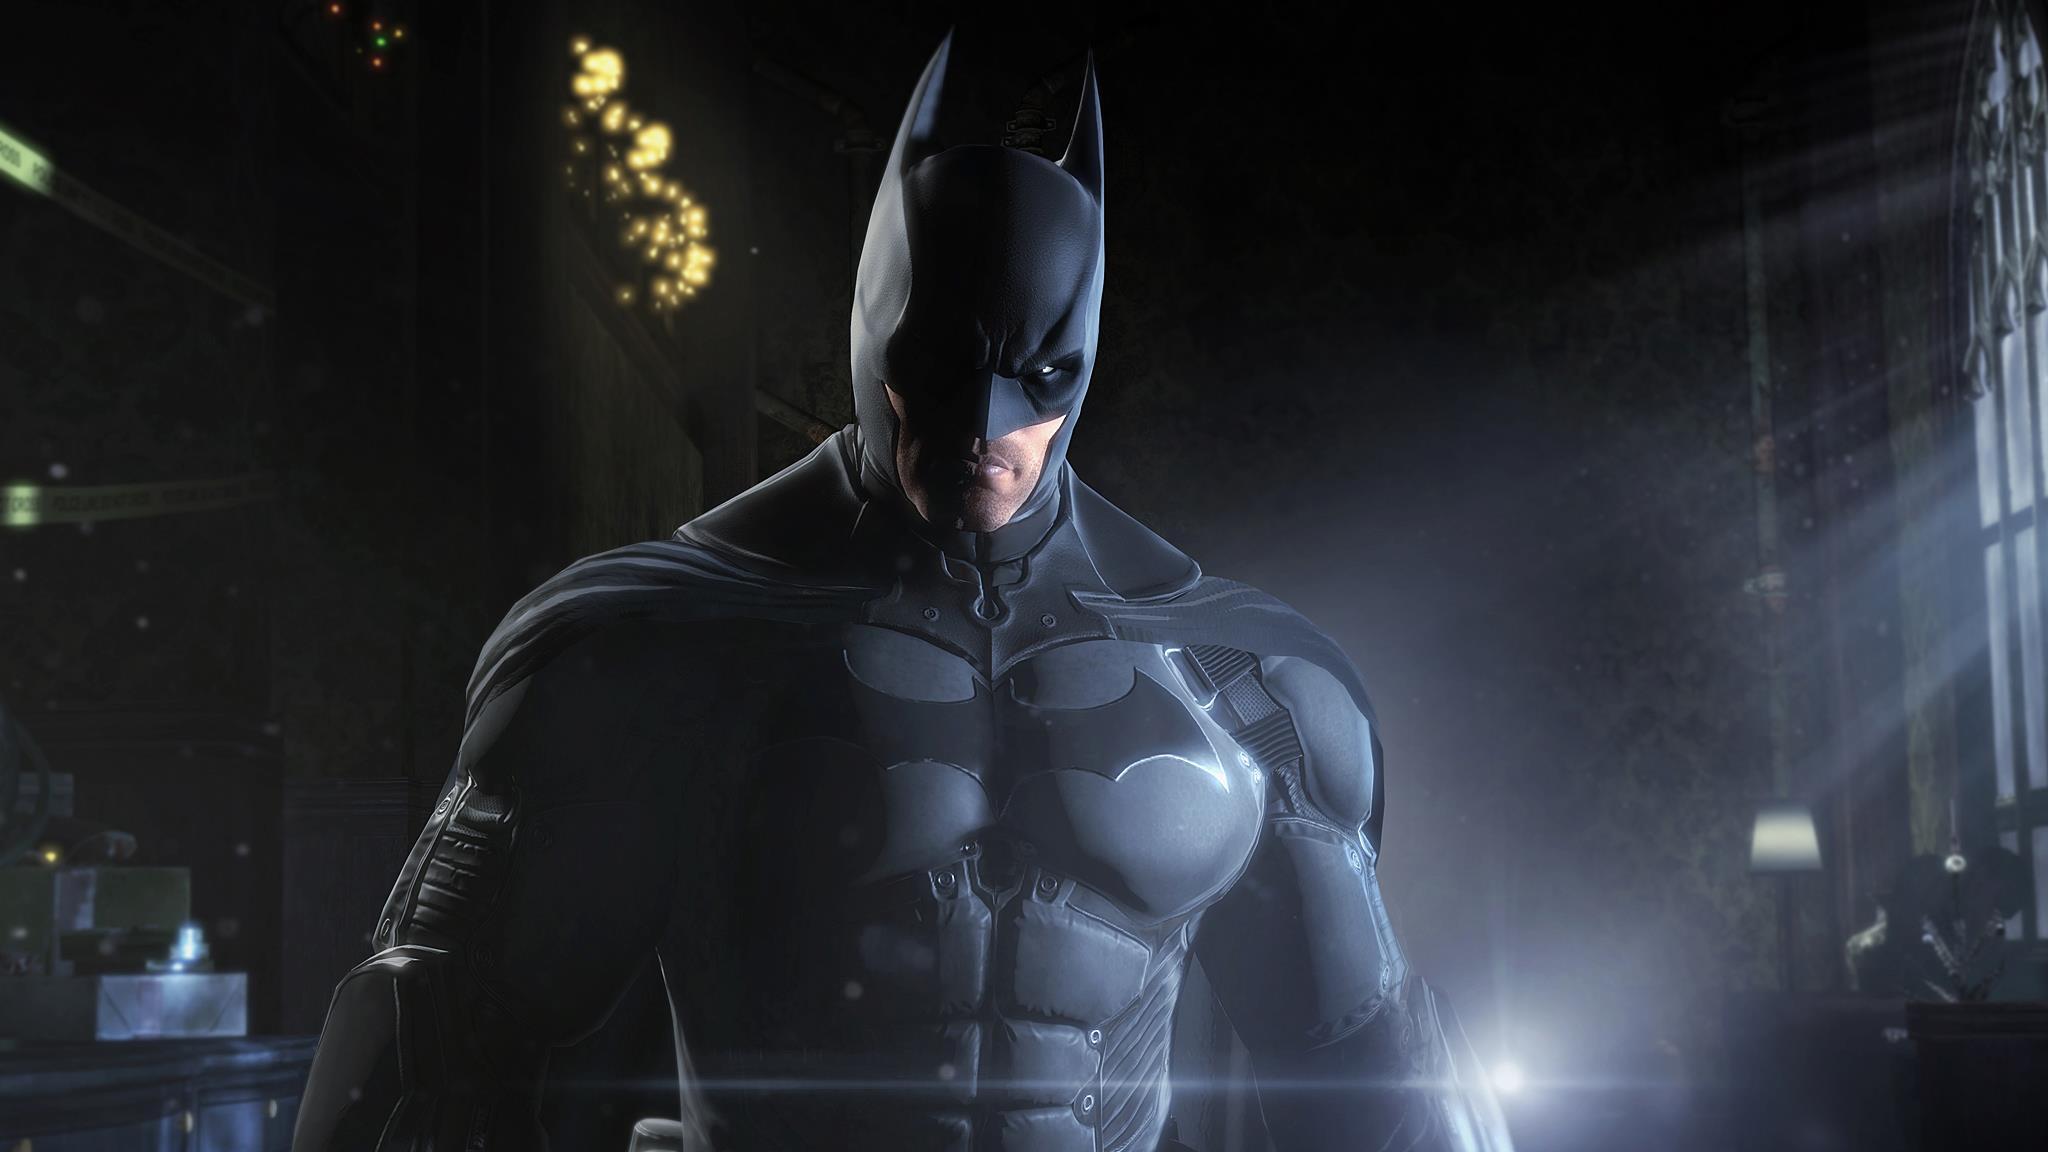 WB извиняется за баги в Batman: Arkham Origins и сообщает, что скоро выйдет патч. - Изображение 1